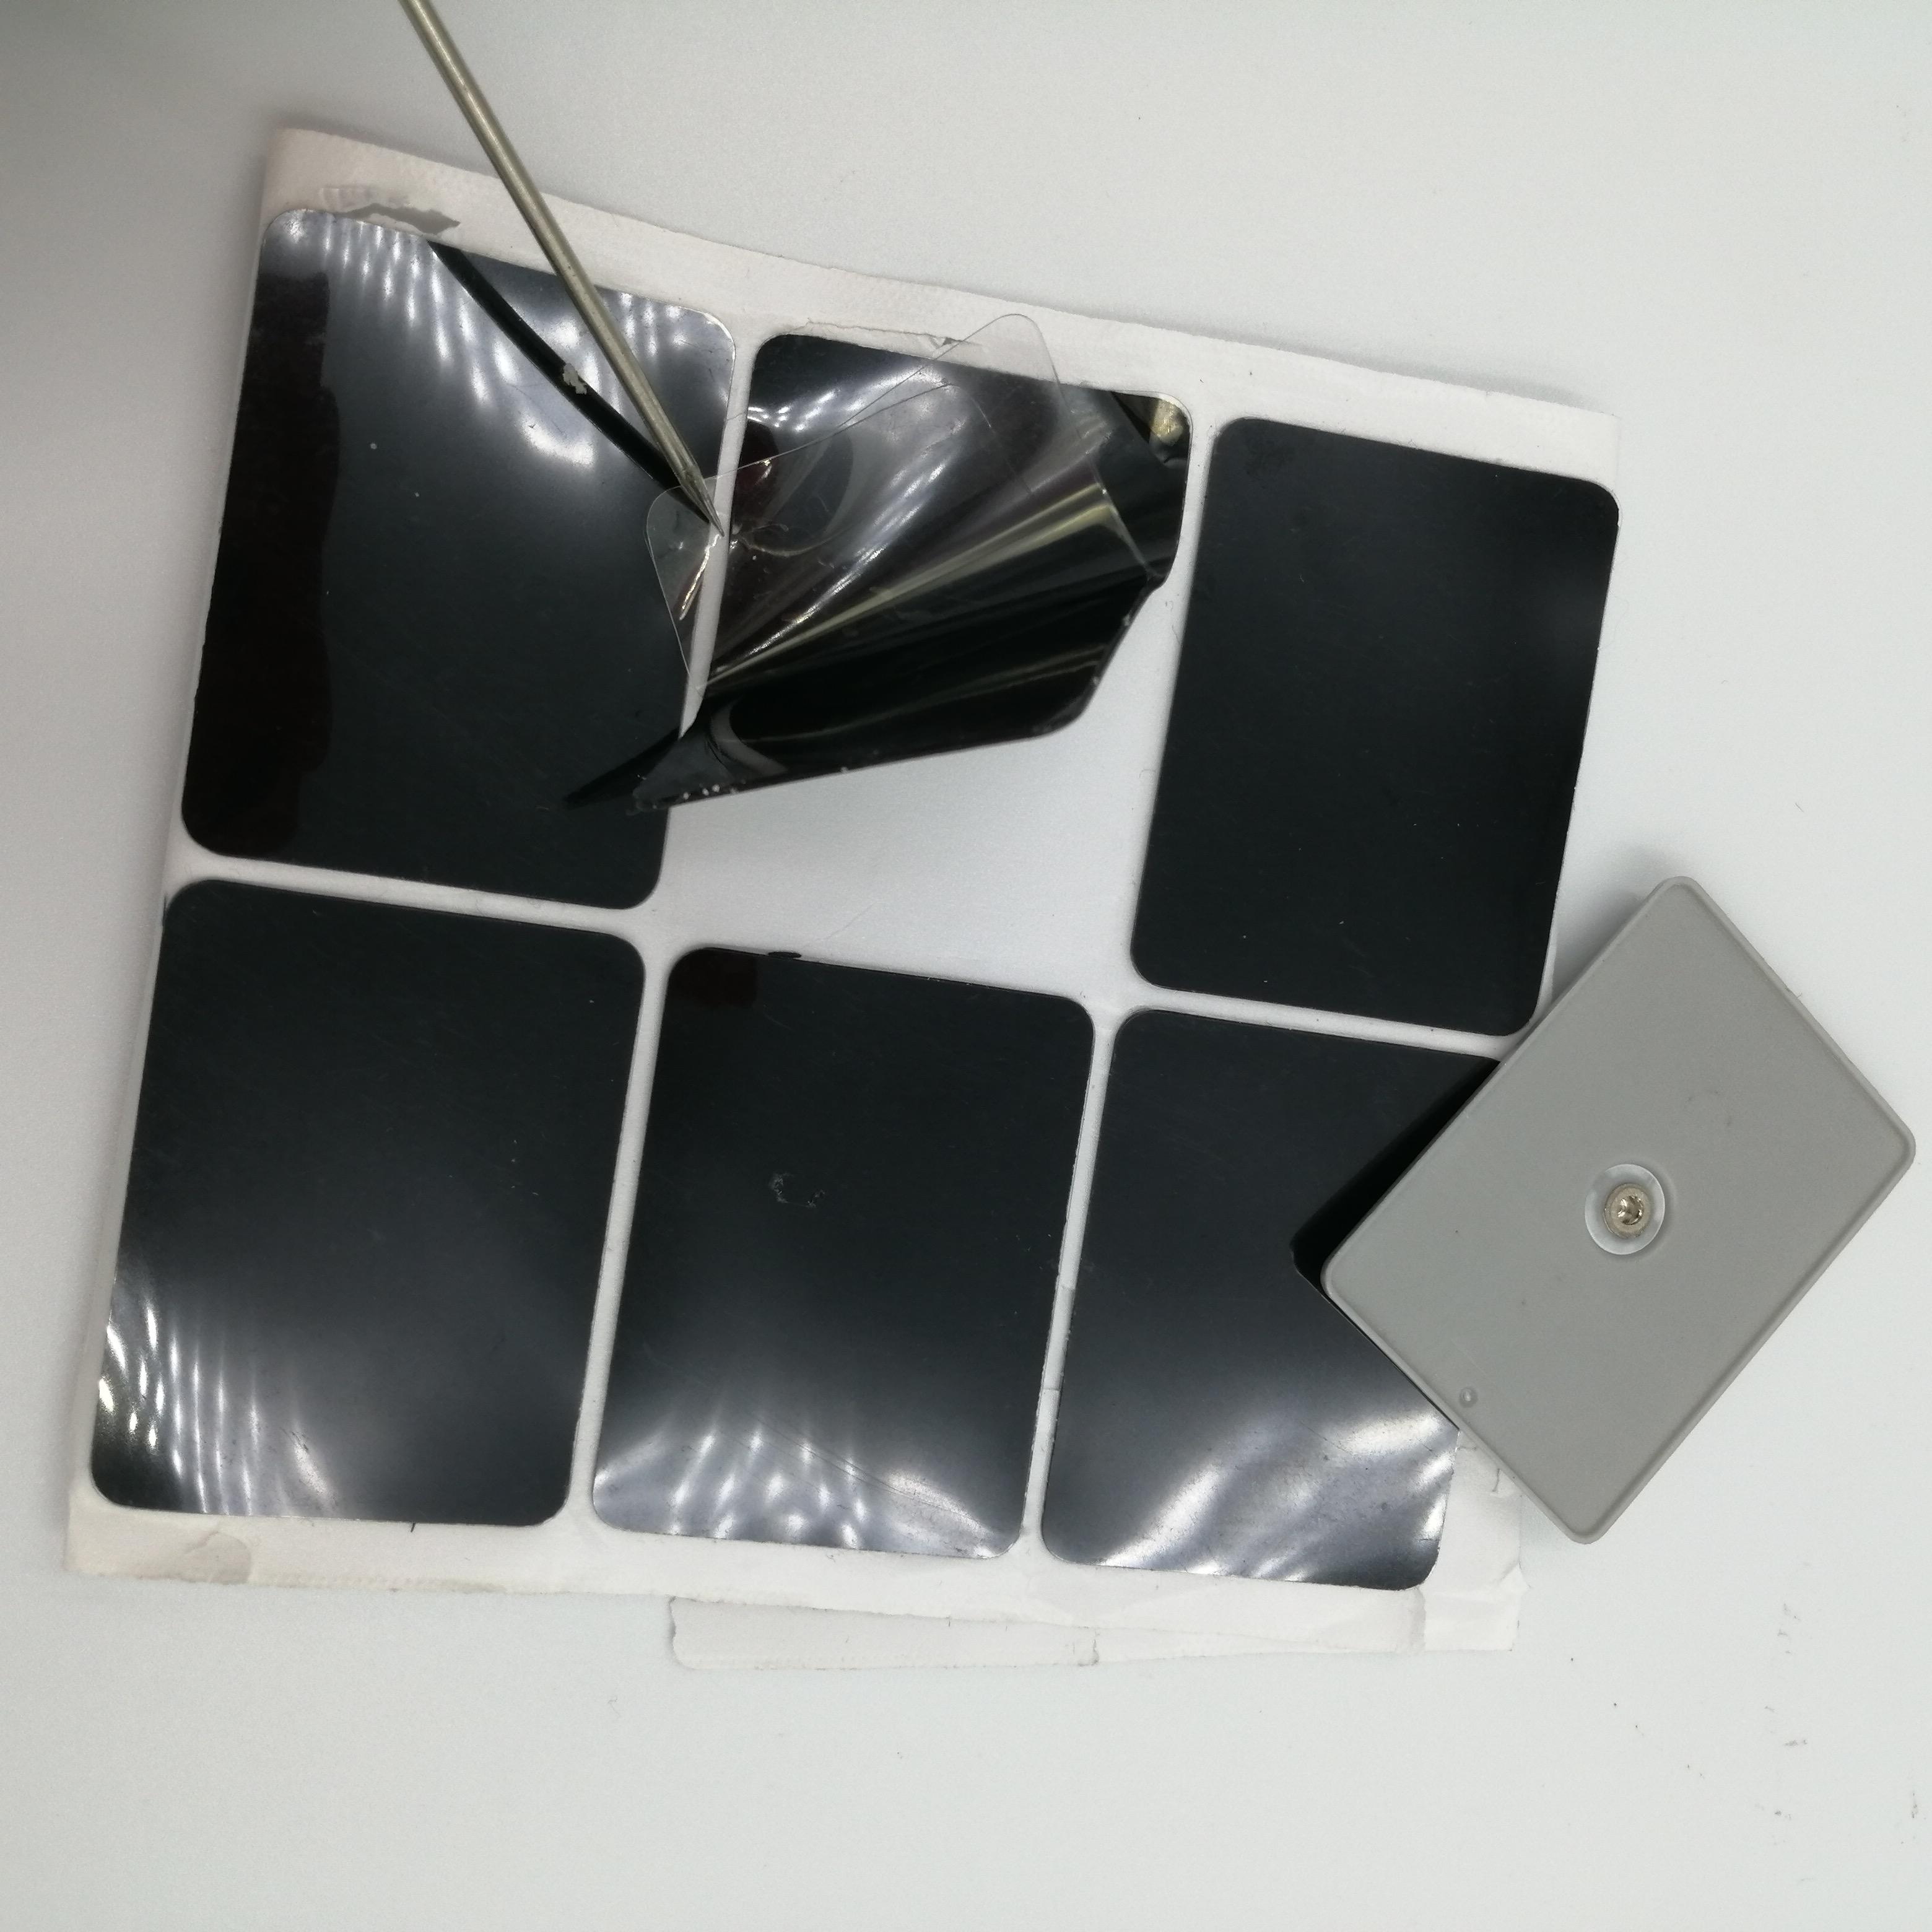 廠家直銷強粘納米雙面膠黑色無痕反復水洗可移膠支持定制不同規格